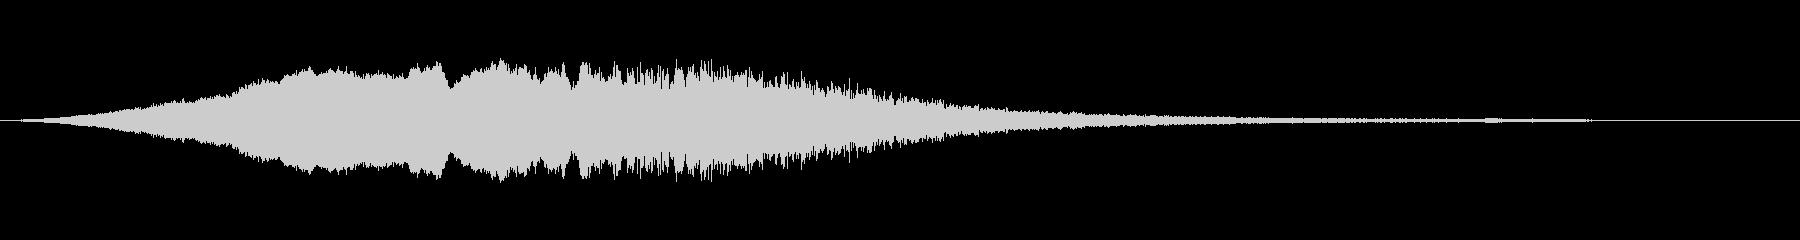 ホイッスルスワイプの昇順1の未再生の波形